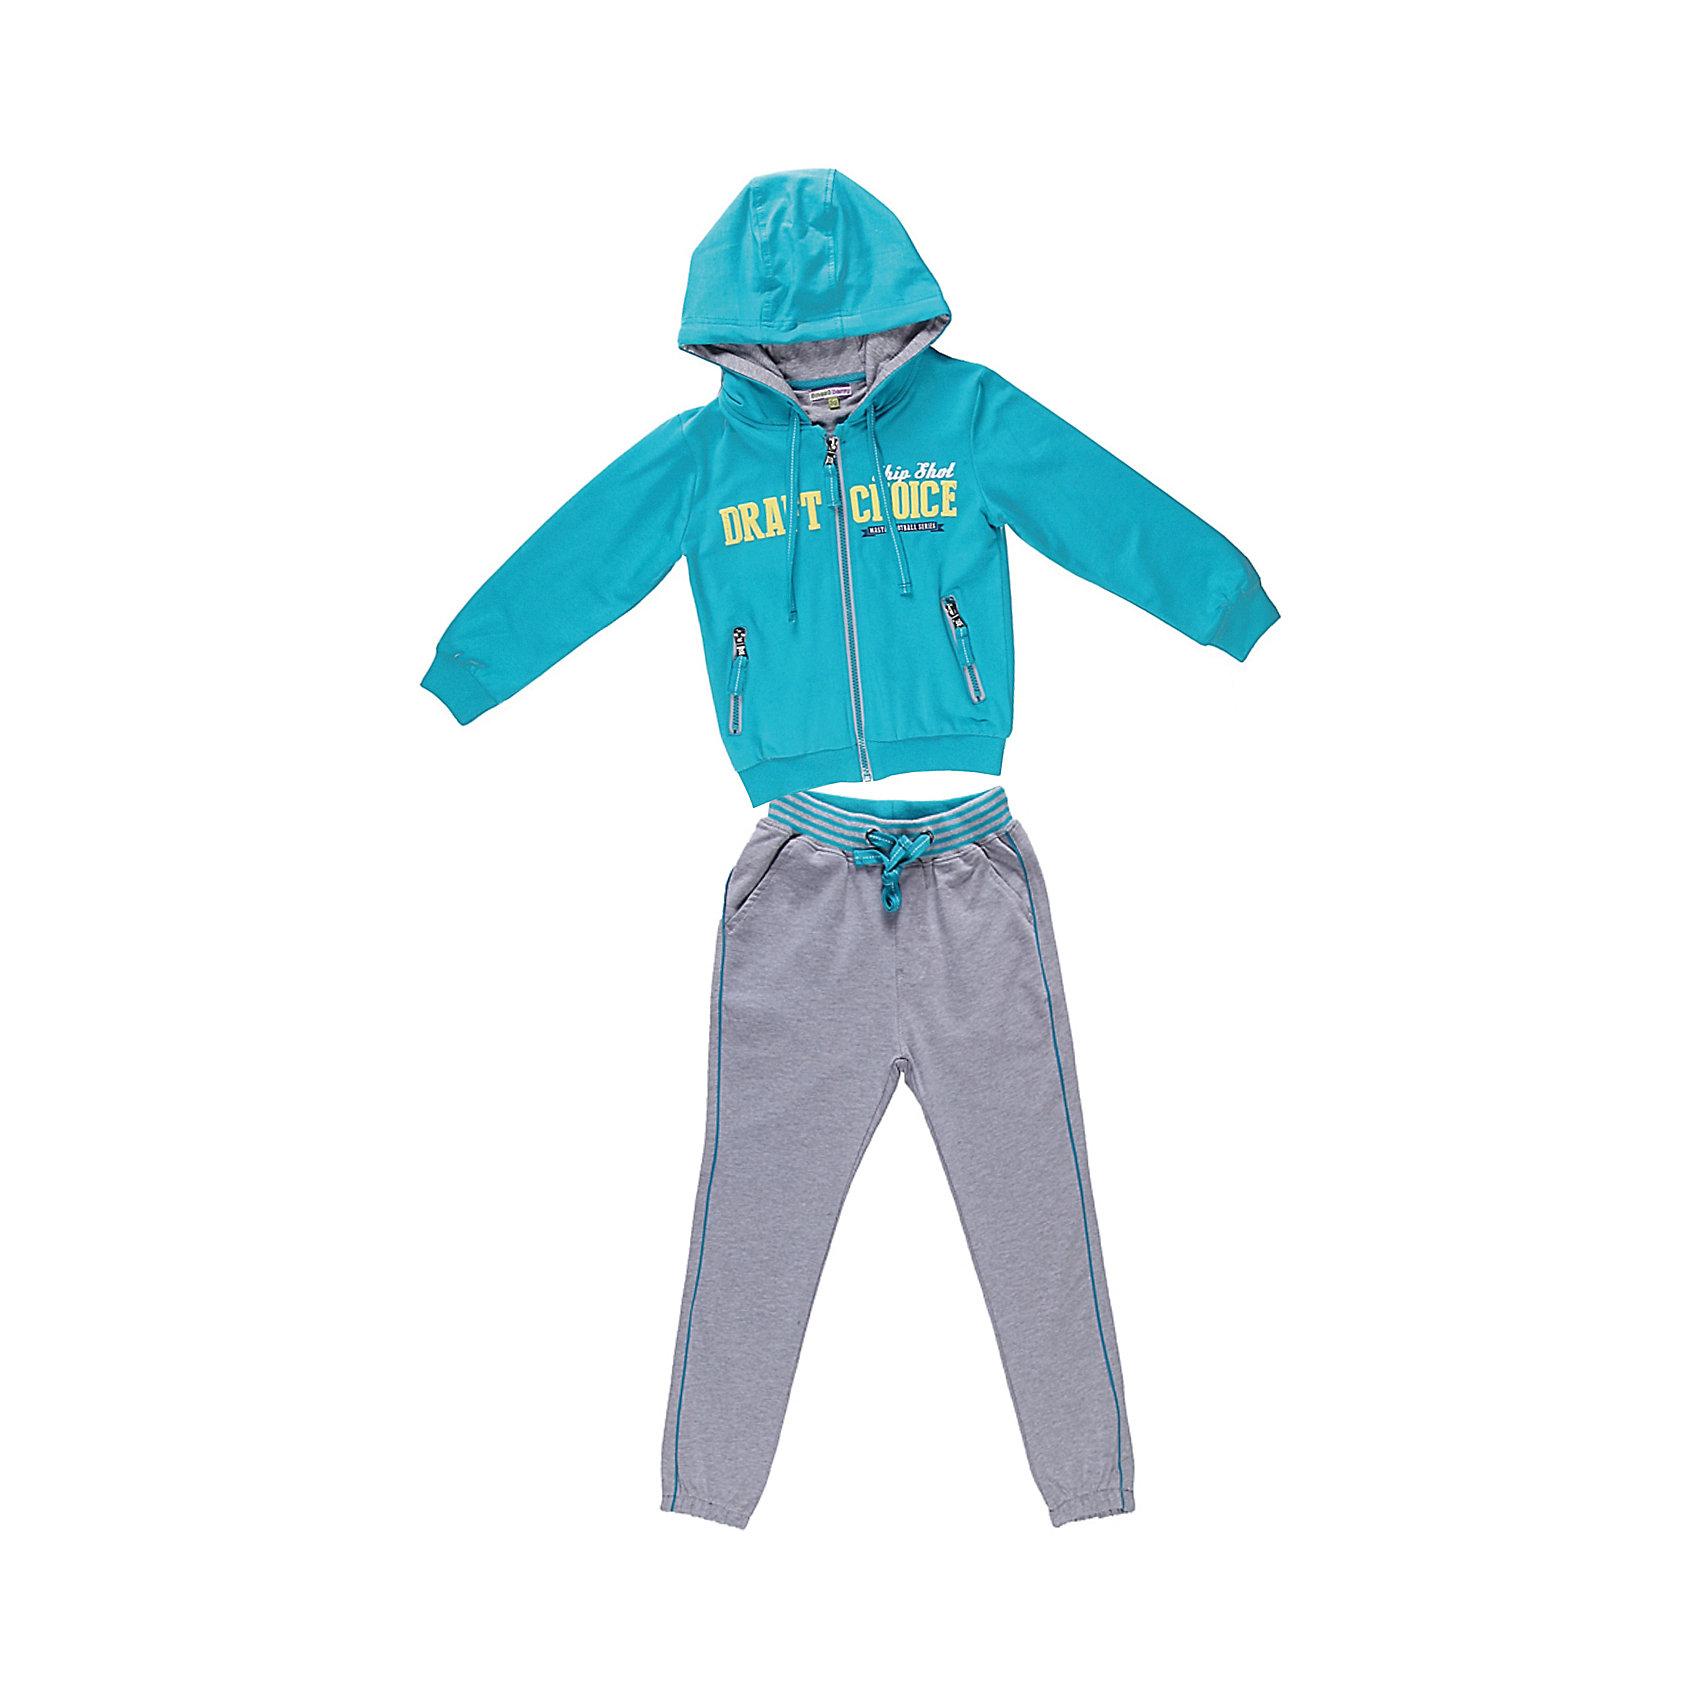 Спортивный костюм для мальчика Sweet BerryЯркий спортивный костюм для мальчика. Толстовка с капюшоном на яркой трикотажной подкладке. Украшена ярким принтом. Брюки на поясе с трикотажной резинкой, регулируется хлопковым шнурком.<br>Состав:<br>95% хлопок 5% эластан<br><br>Ширина мм: 247<br>Глубина мм: 16<br>Высота мм: 140<br>Вес г: 225<br>Цвет: серо-голубой<br>Возраст от месяцев: 24<br>Возраст до месяцев: 36<br>Пол: Мужской<br>Возраст: Детский<br>Размер: 98,104,128,122,116,110<br>SKU: 4522726